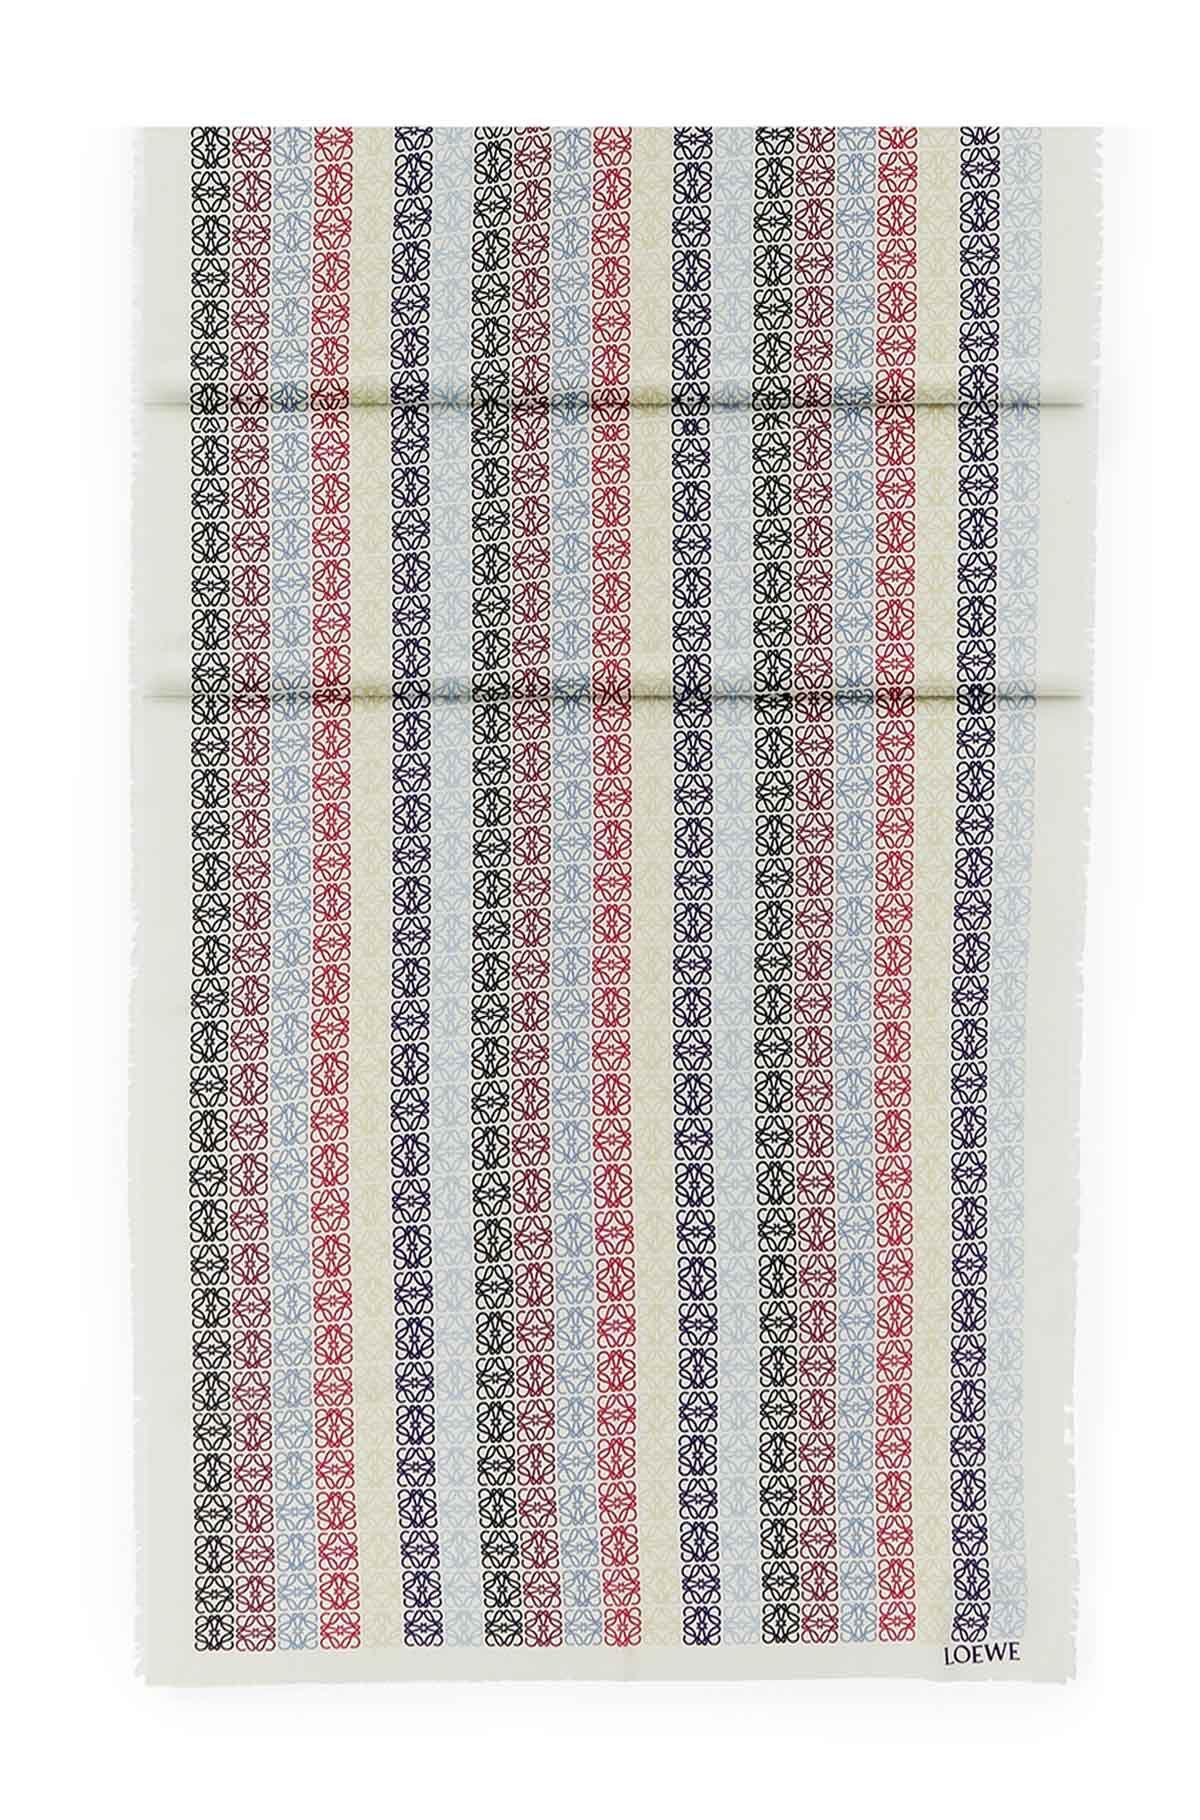 LOEWE 70X200 スカーフアナグラムINライン ブルー/レッド all